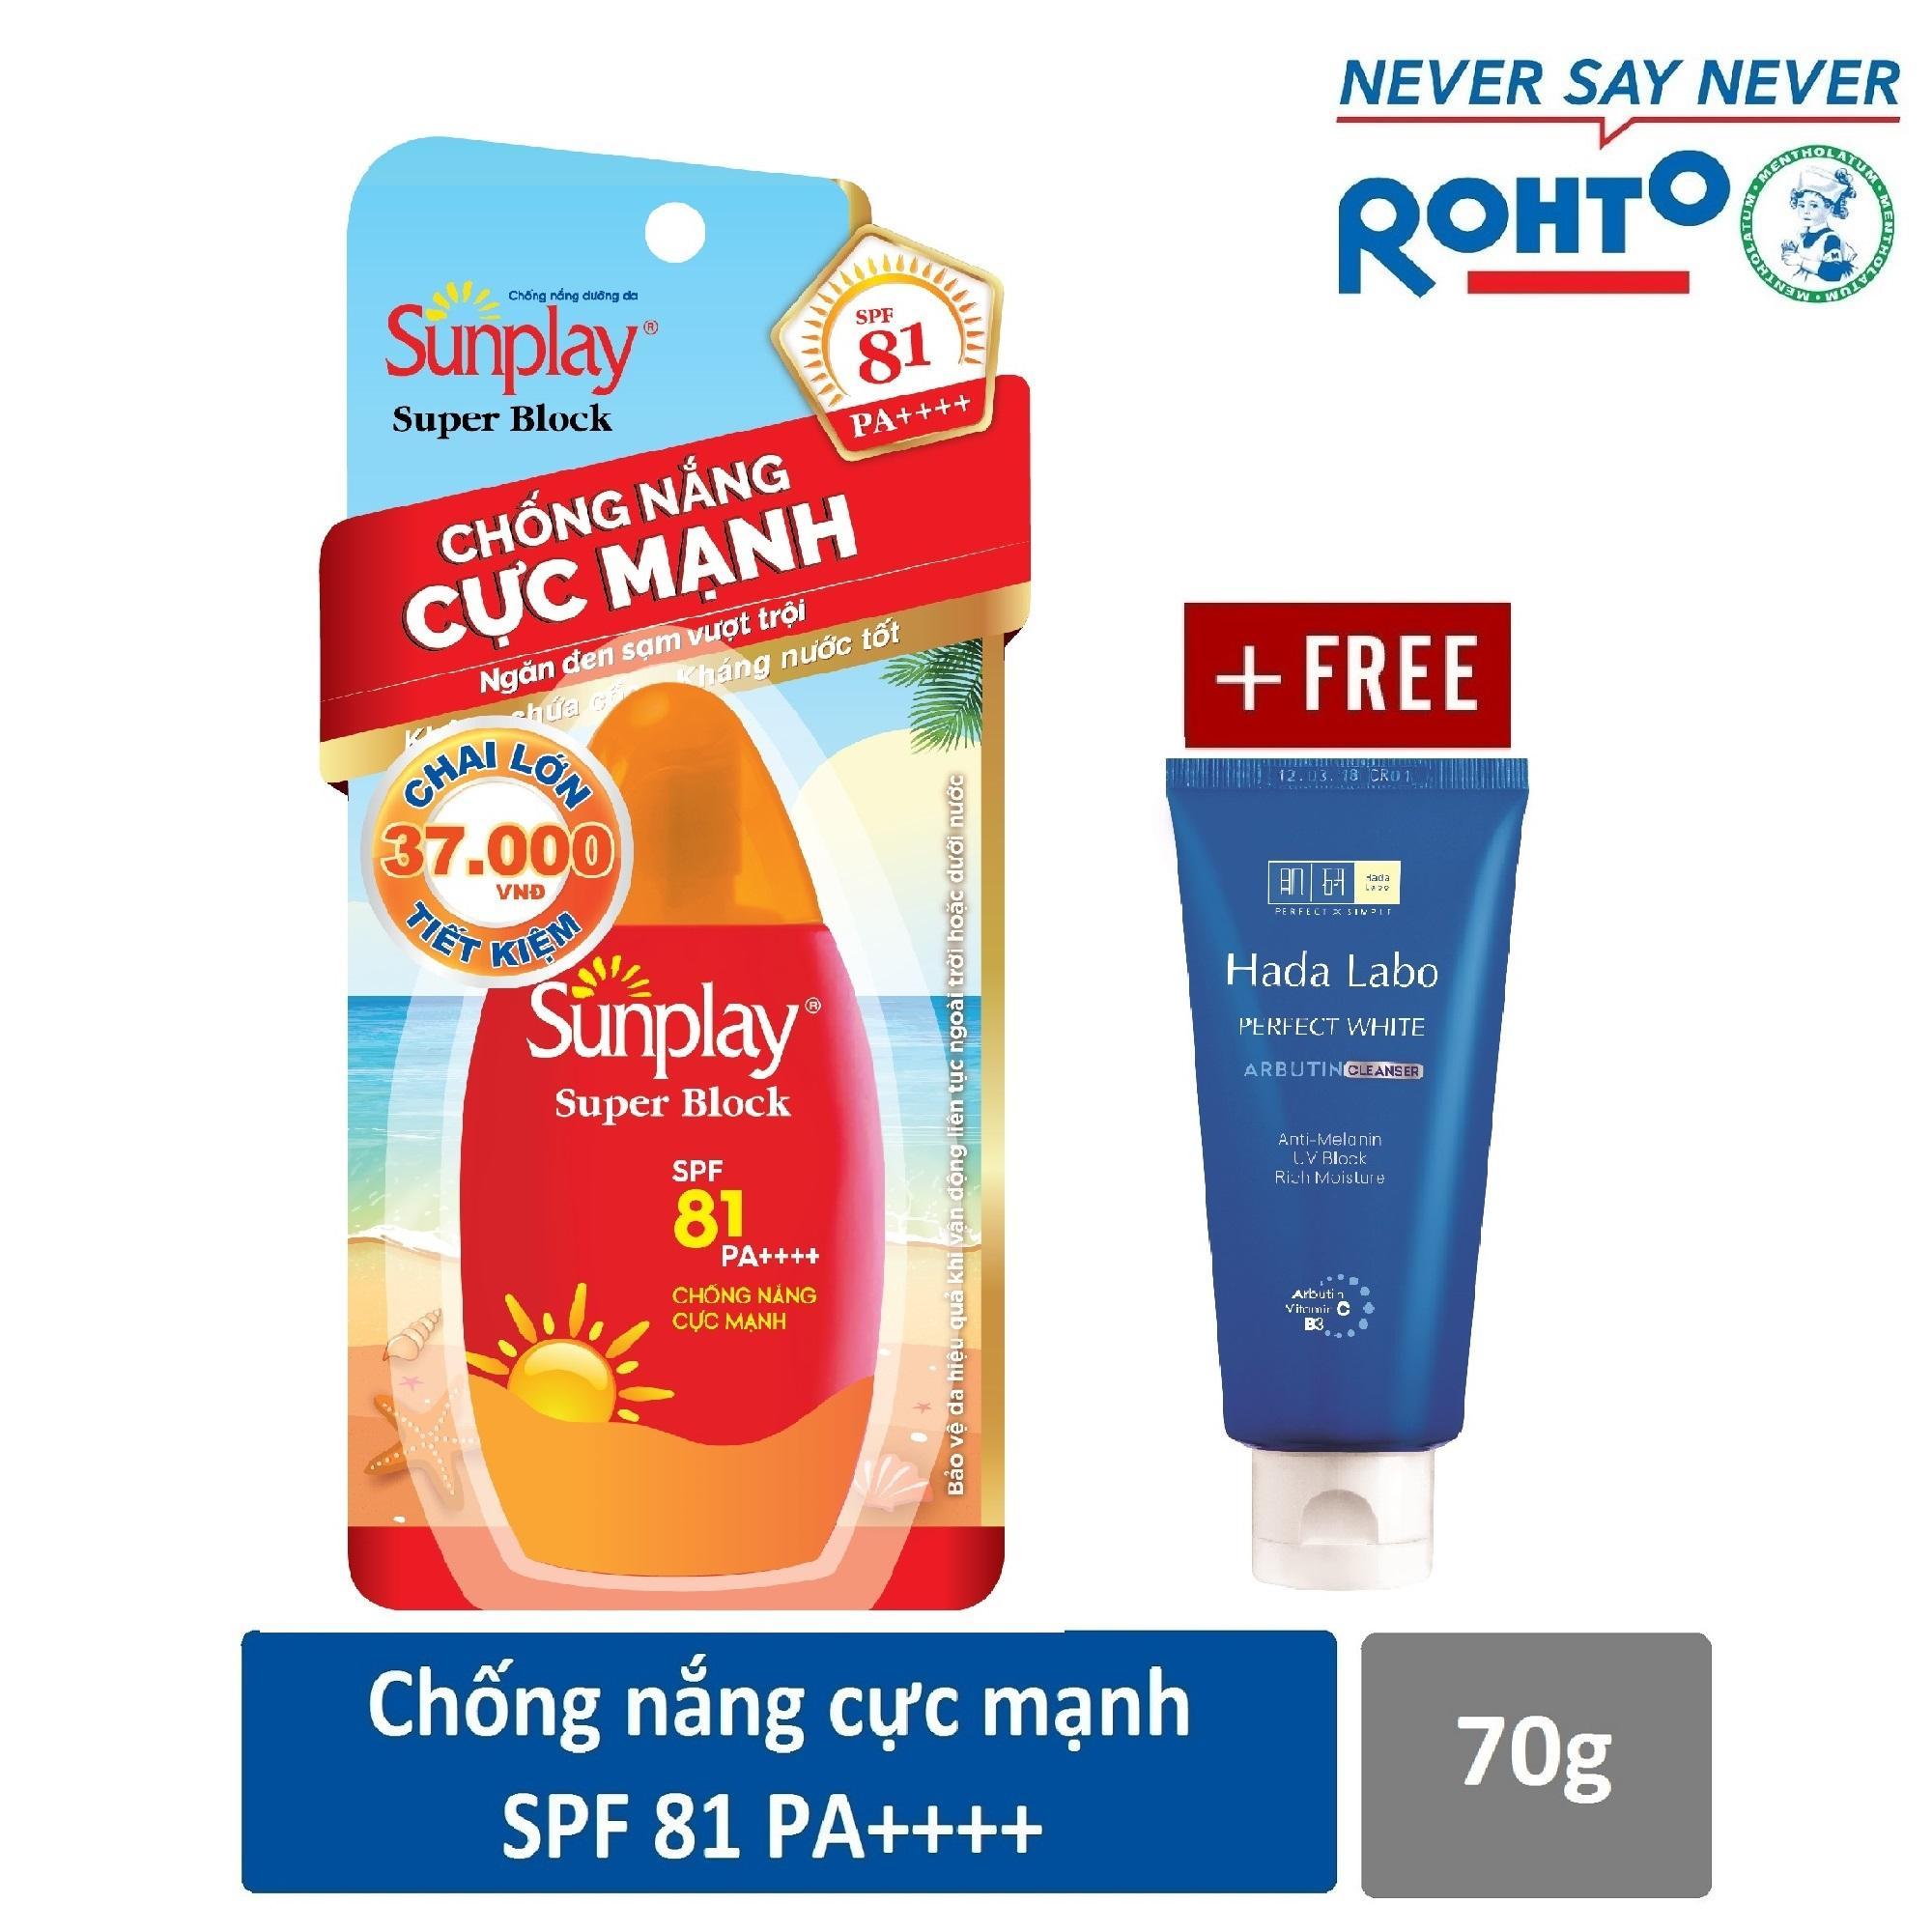 Sữa chống nắng cực mạnh Sunplay Super Block SPF 81 PA++++ 70g + Tặng Kem rửa mặt Hada Labo 25g chính hãng